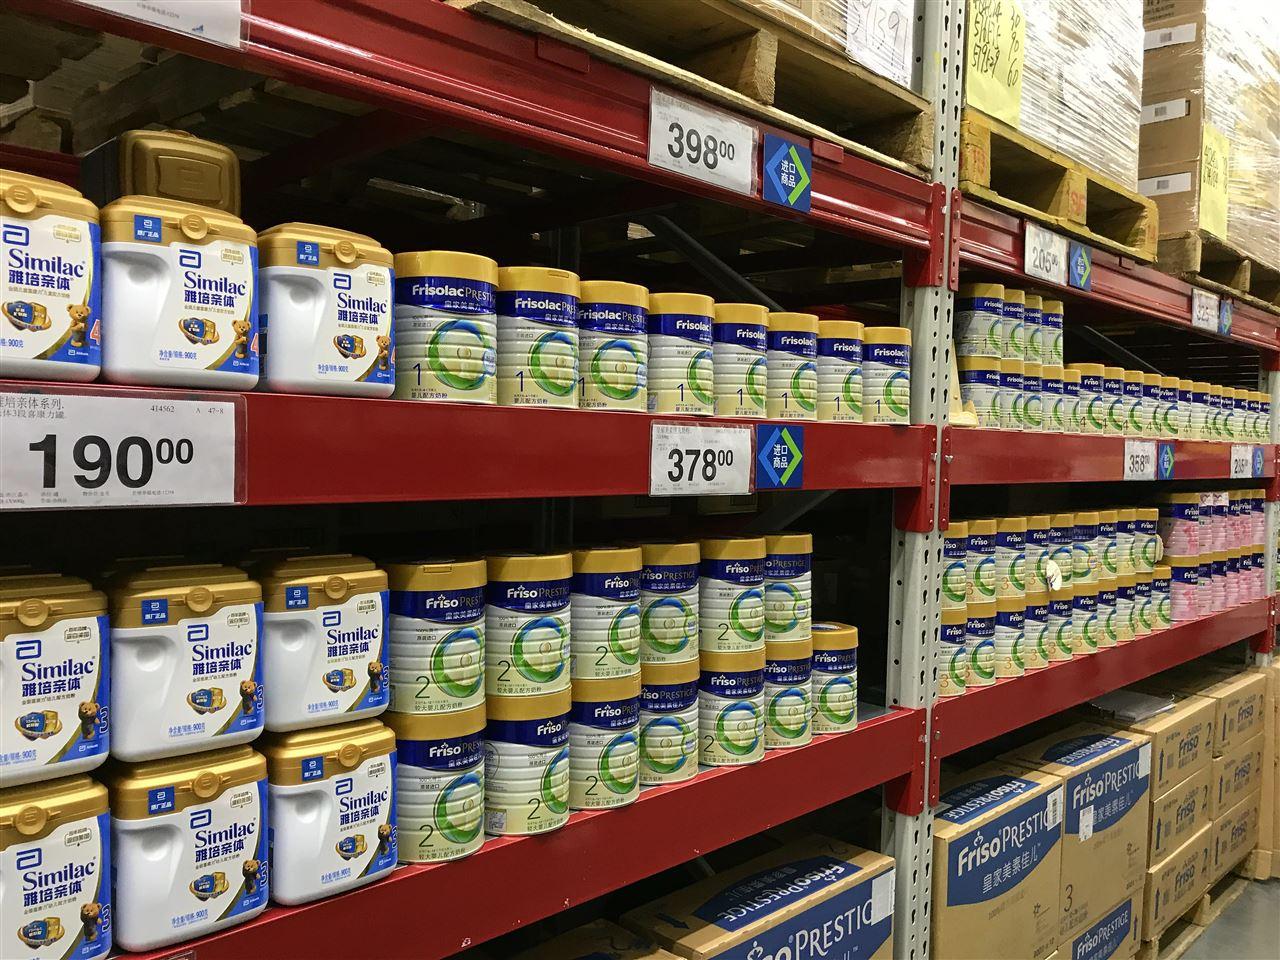 大健康产业下 羊乳清粉自主生产线投产